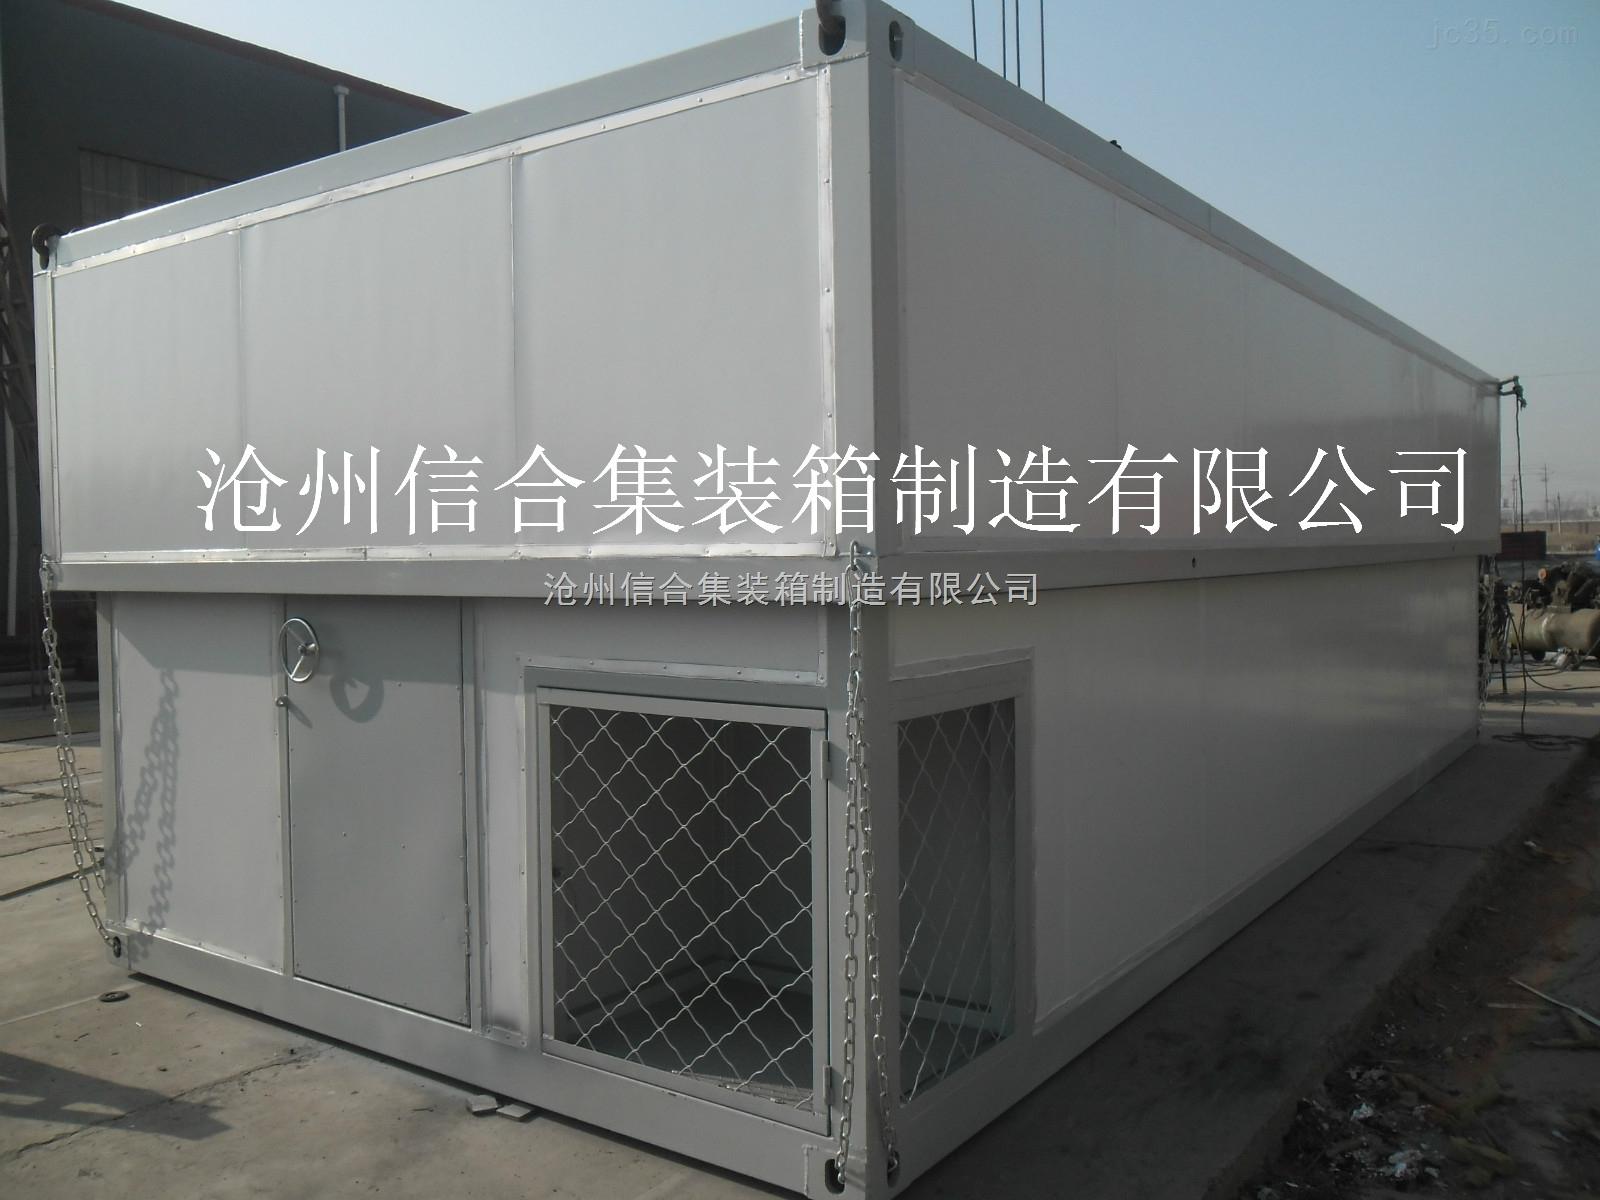 沧州信合专业生产特殊规格集装箱 特种集装箱